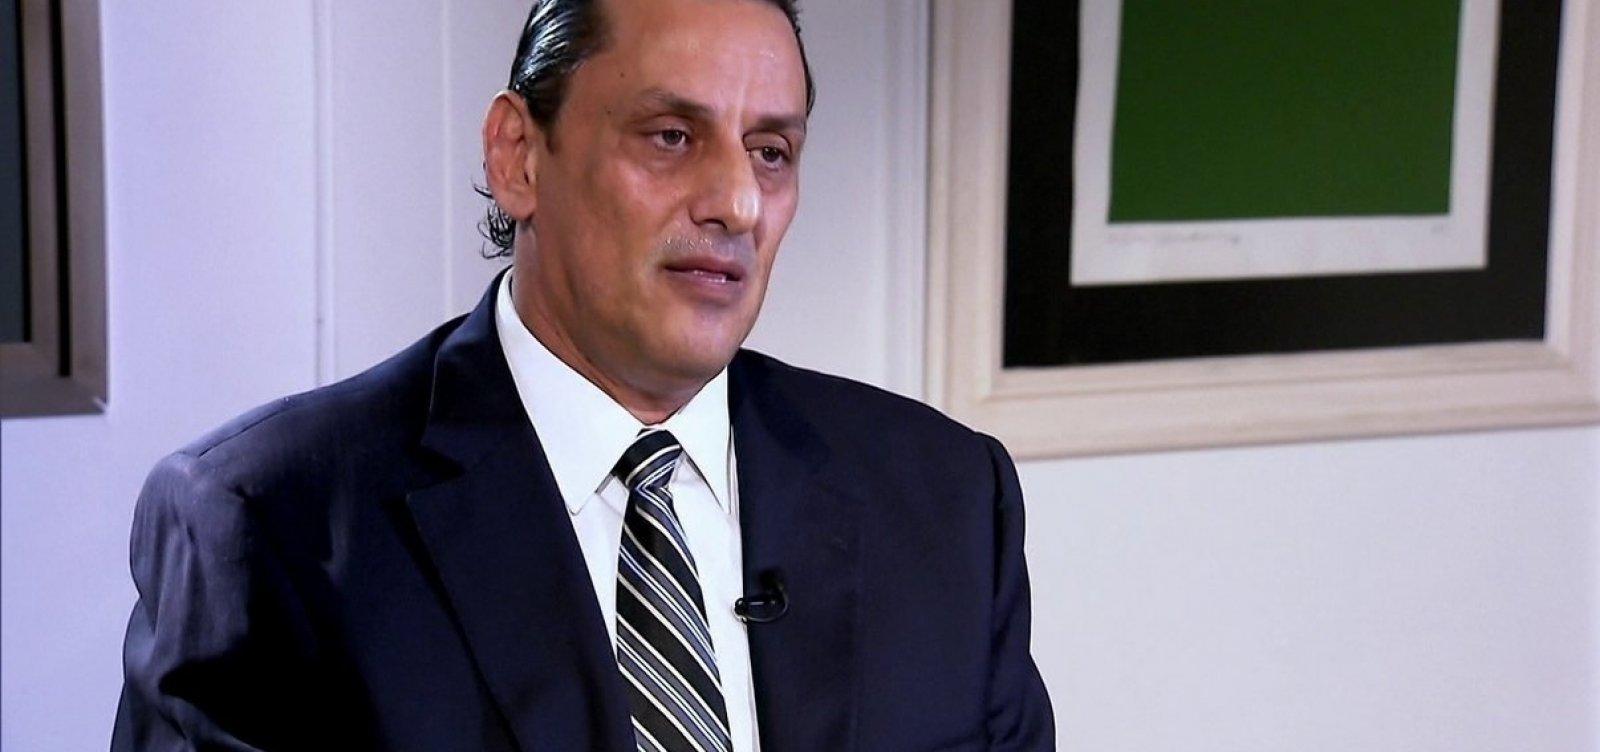 [Advogado de Bolsonaro sonegou informação sobre áudio, diz diretor da TV Globo]